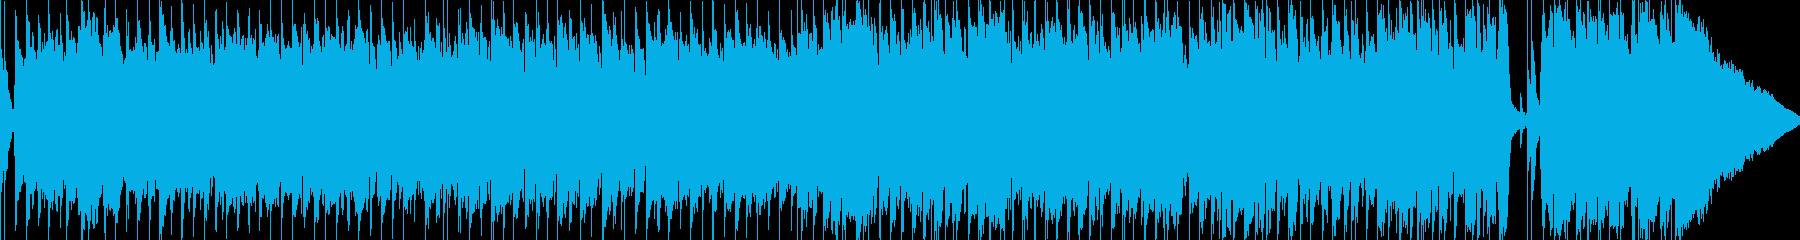 明るく楽しいカントリーミュージックの再生済みの波形